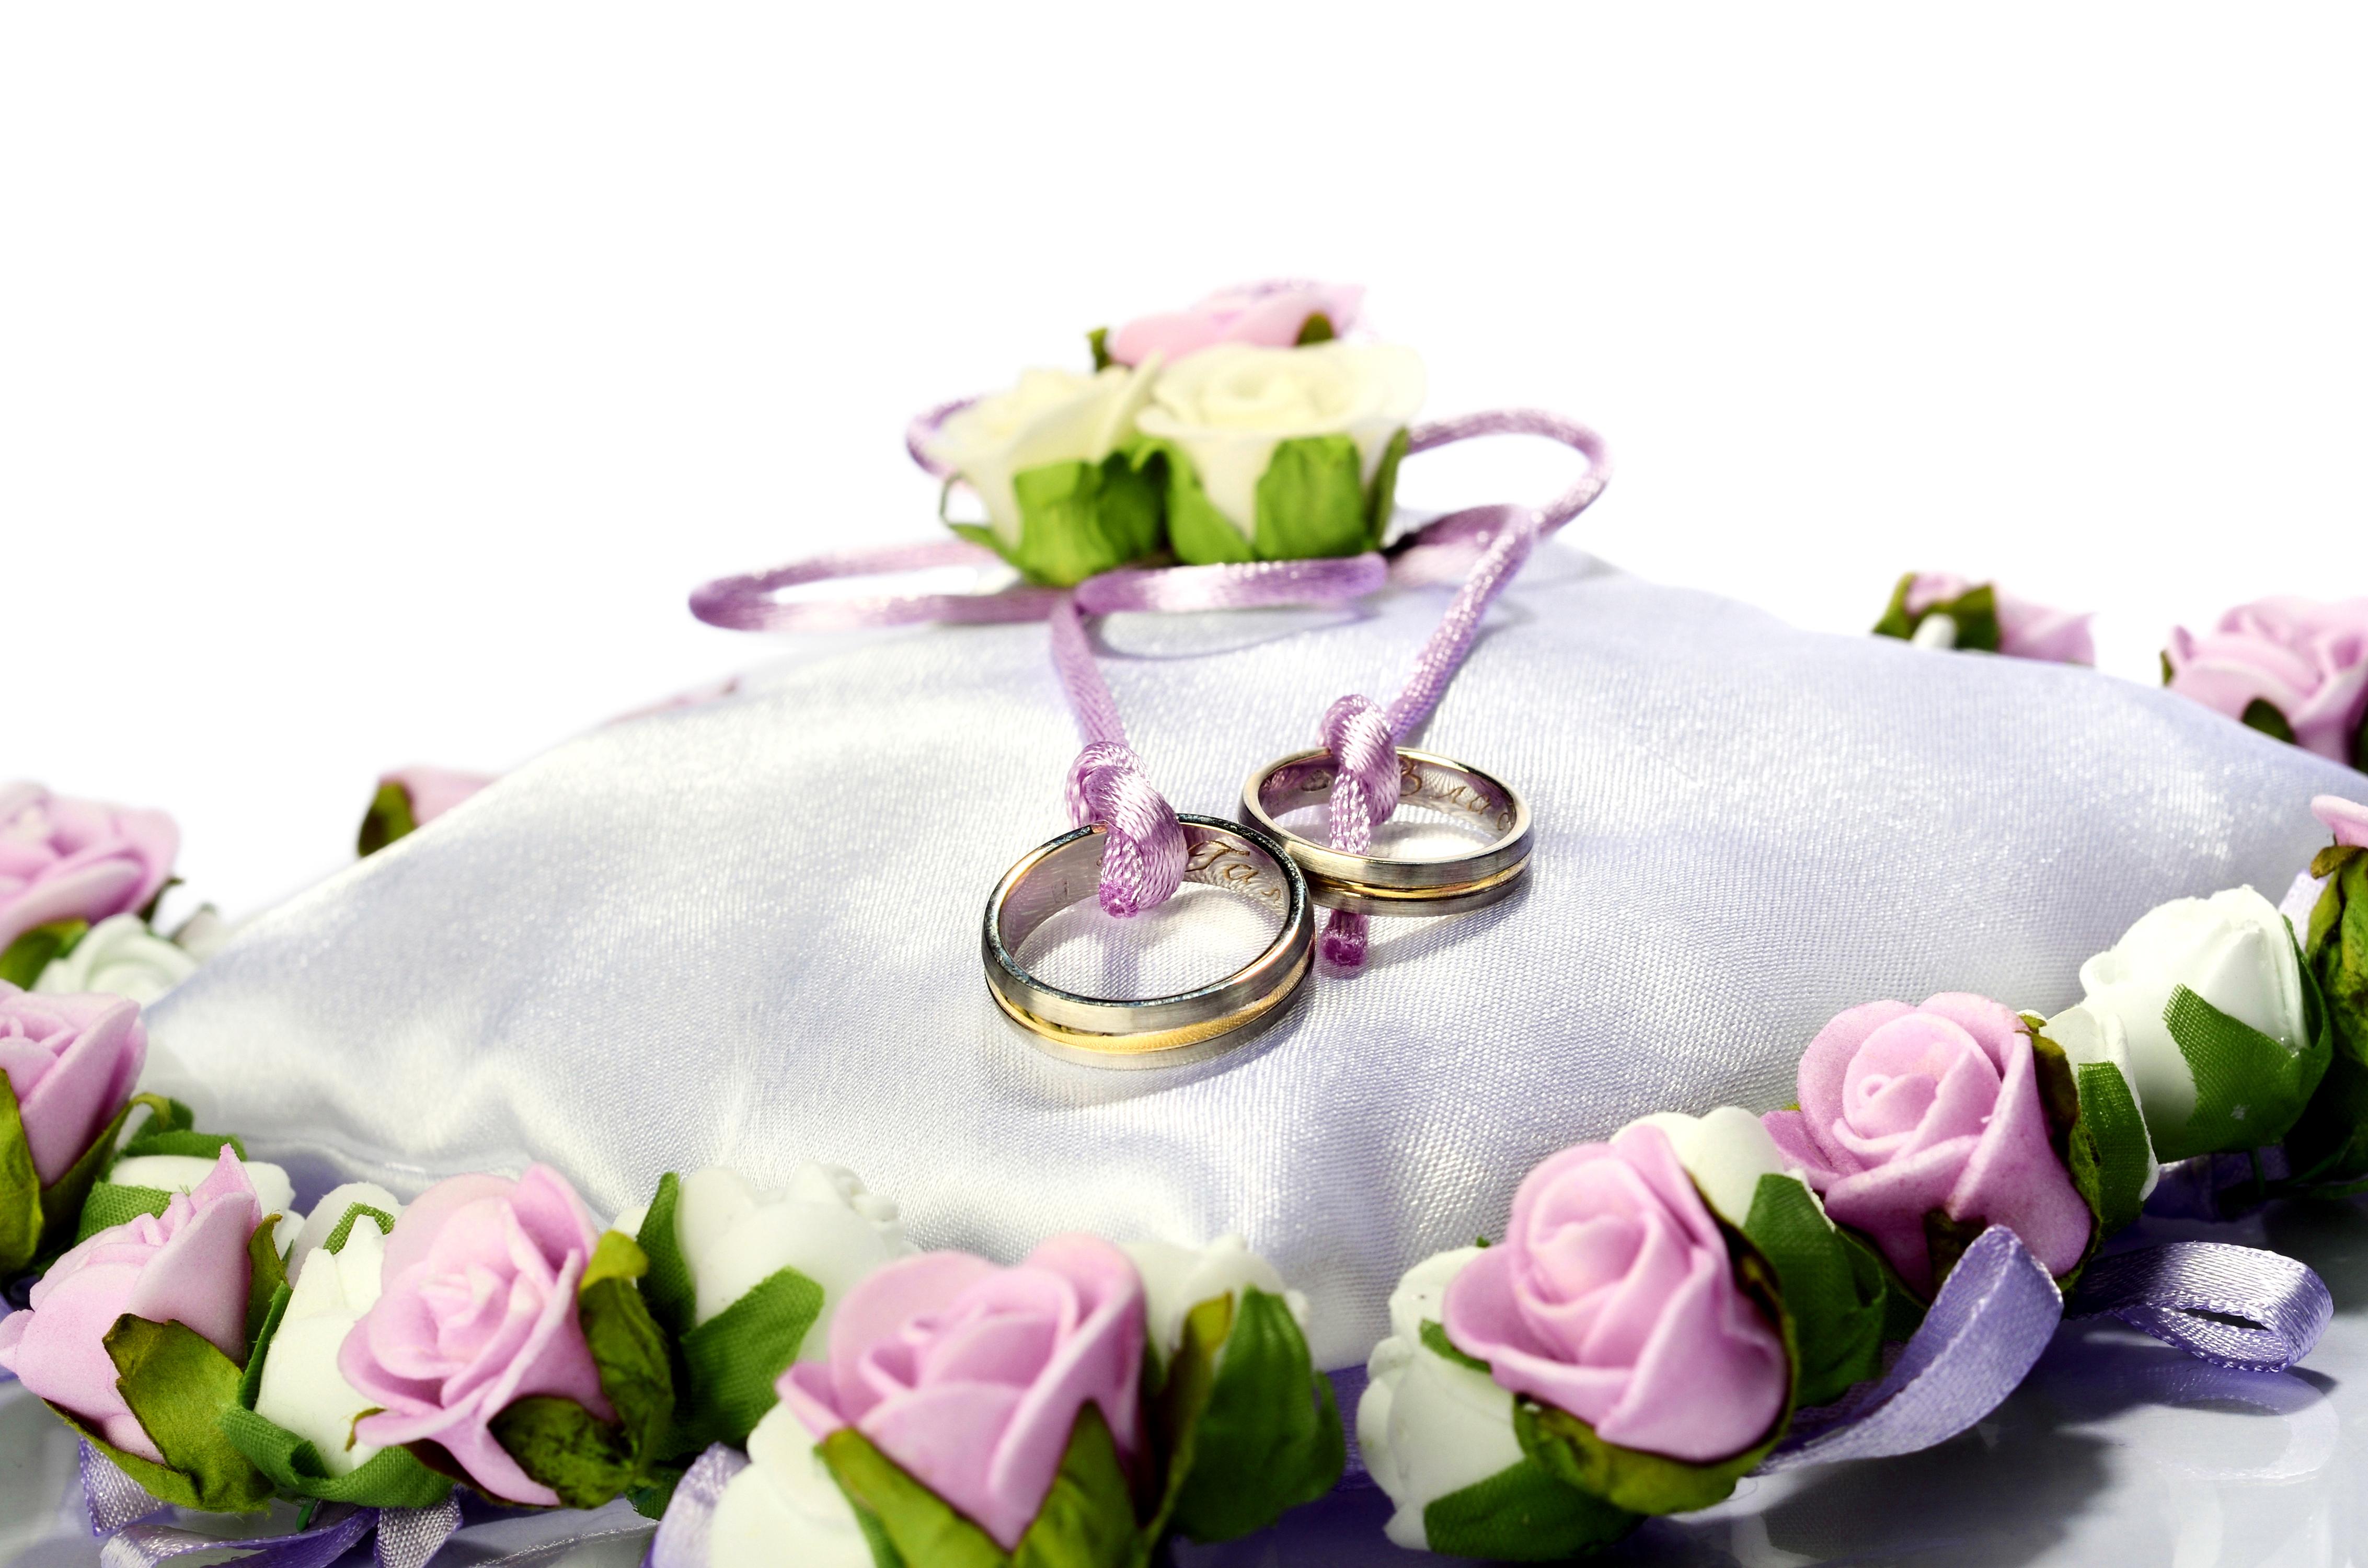 Открытки на рабочий стол свадебные, кошкой смешные